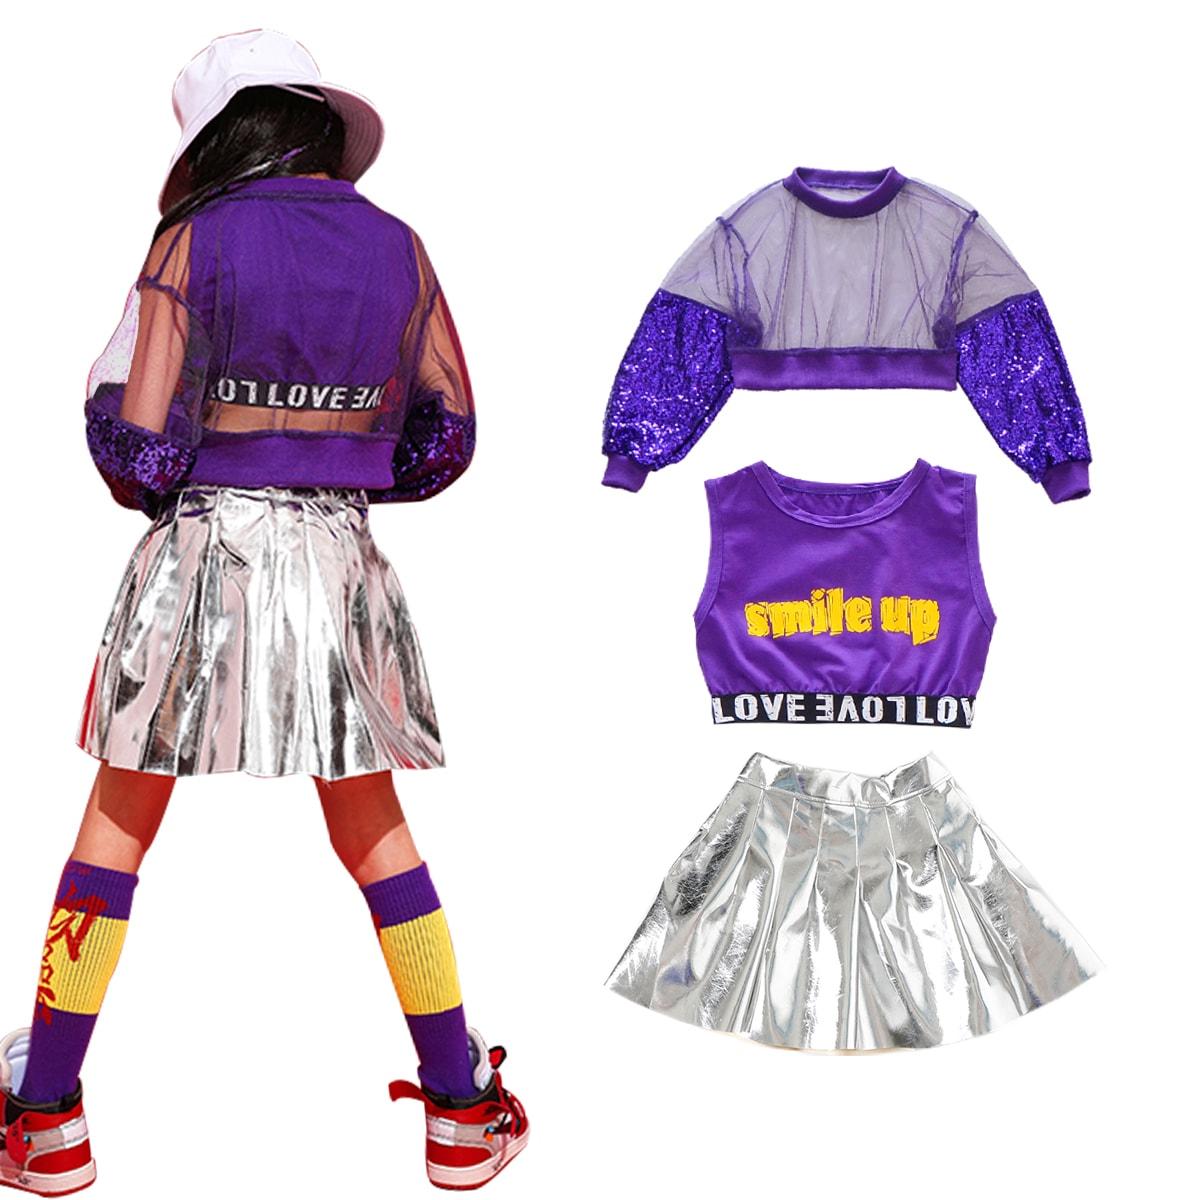 キッズダンス衣装のキラキラスパンコールセットアップ(紫×シルバー) セット内容